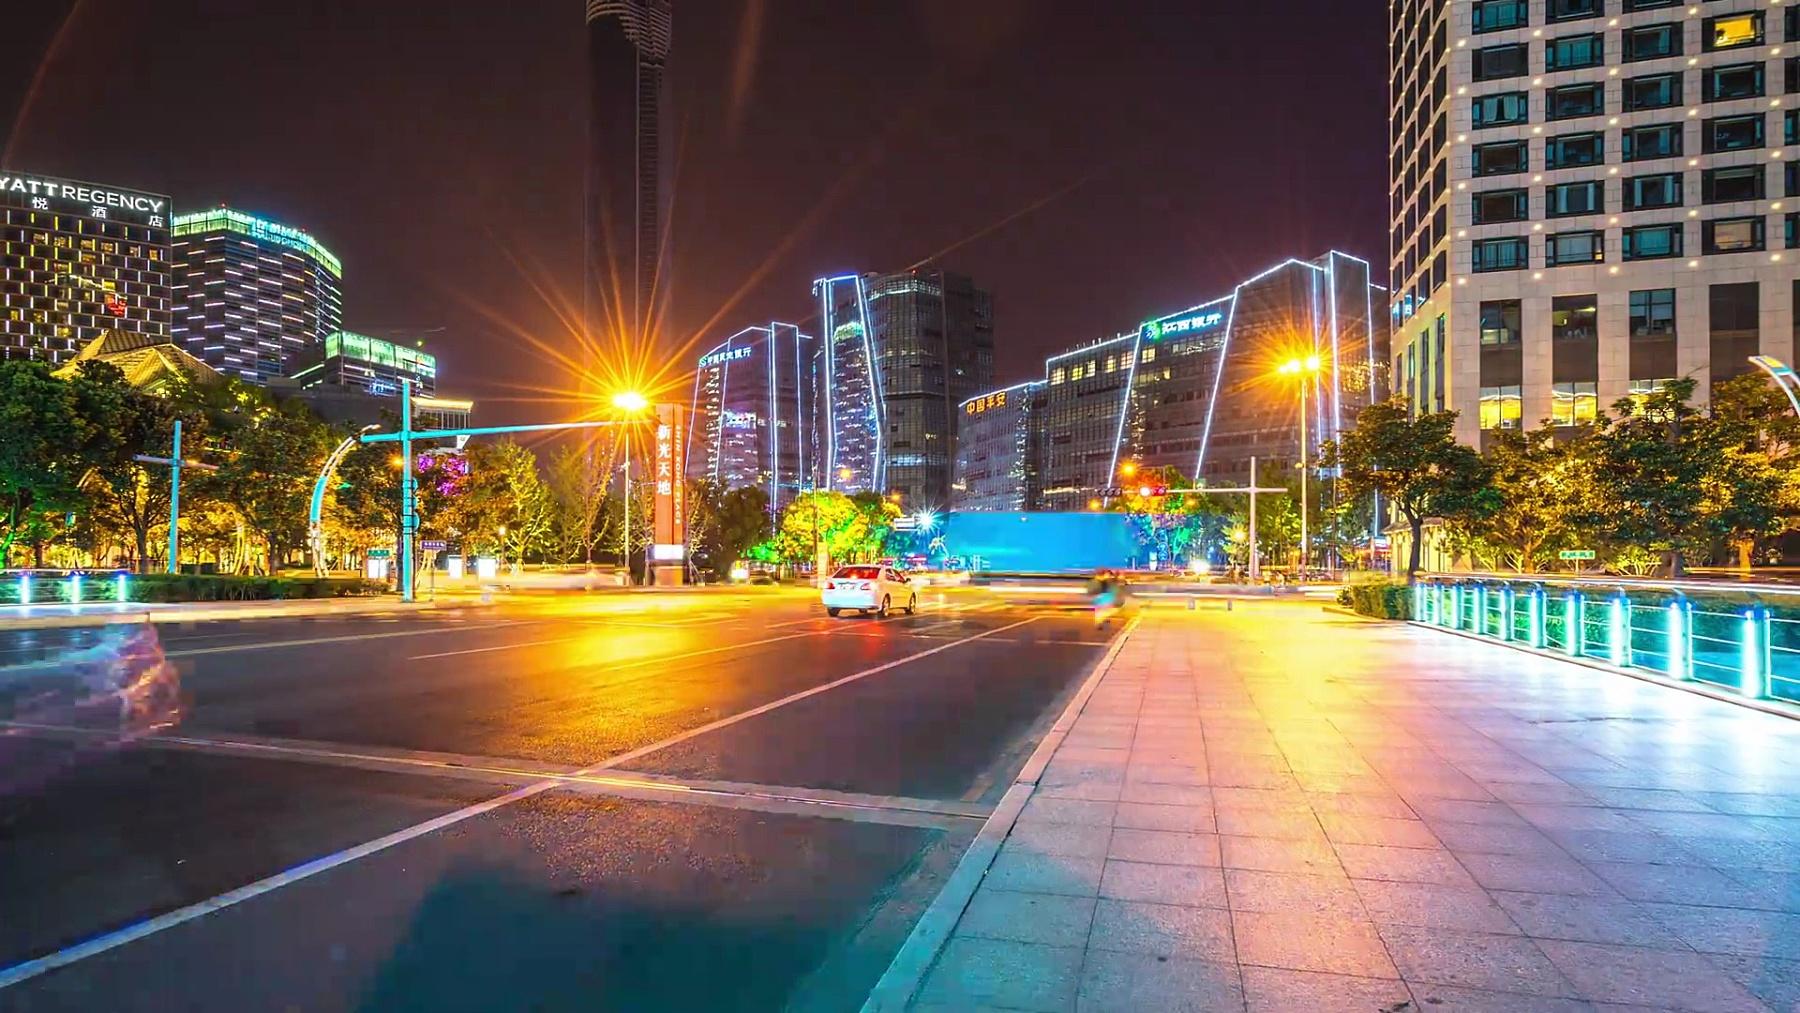 繁忙的道路与现代城市中心区的现代建筑在夜间消逝